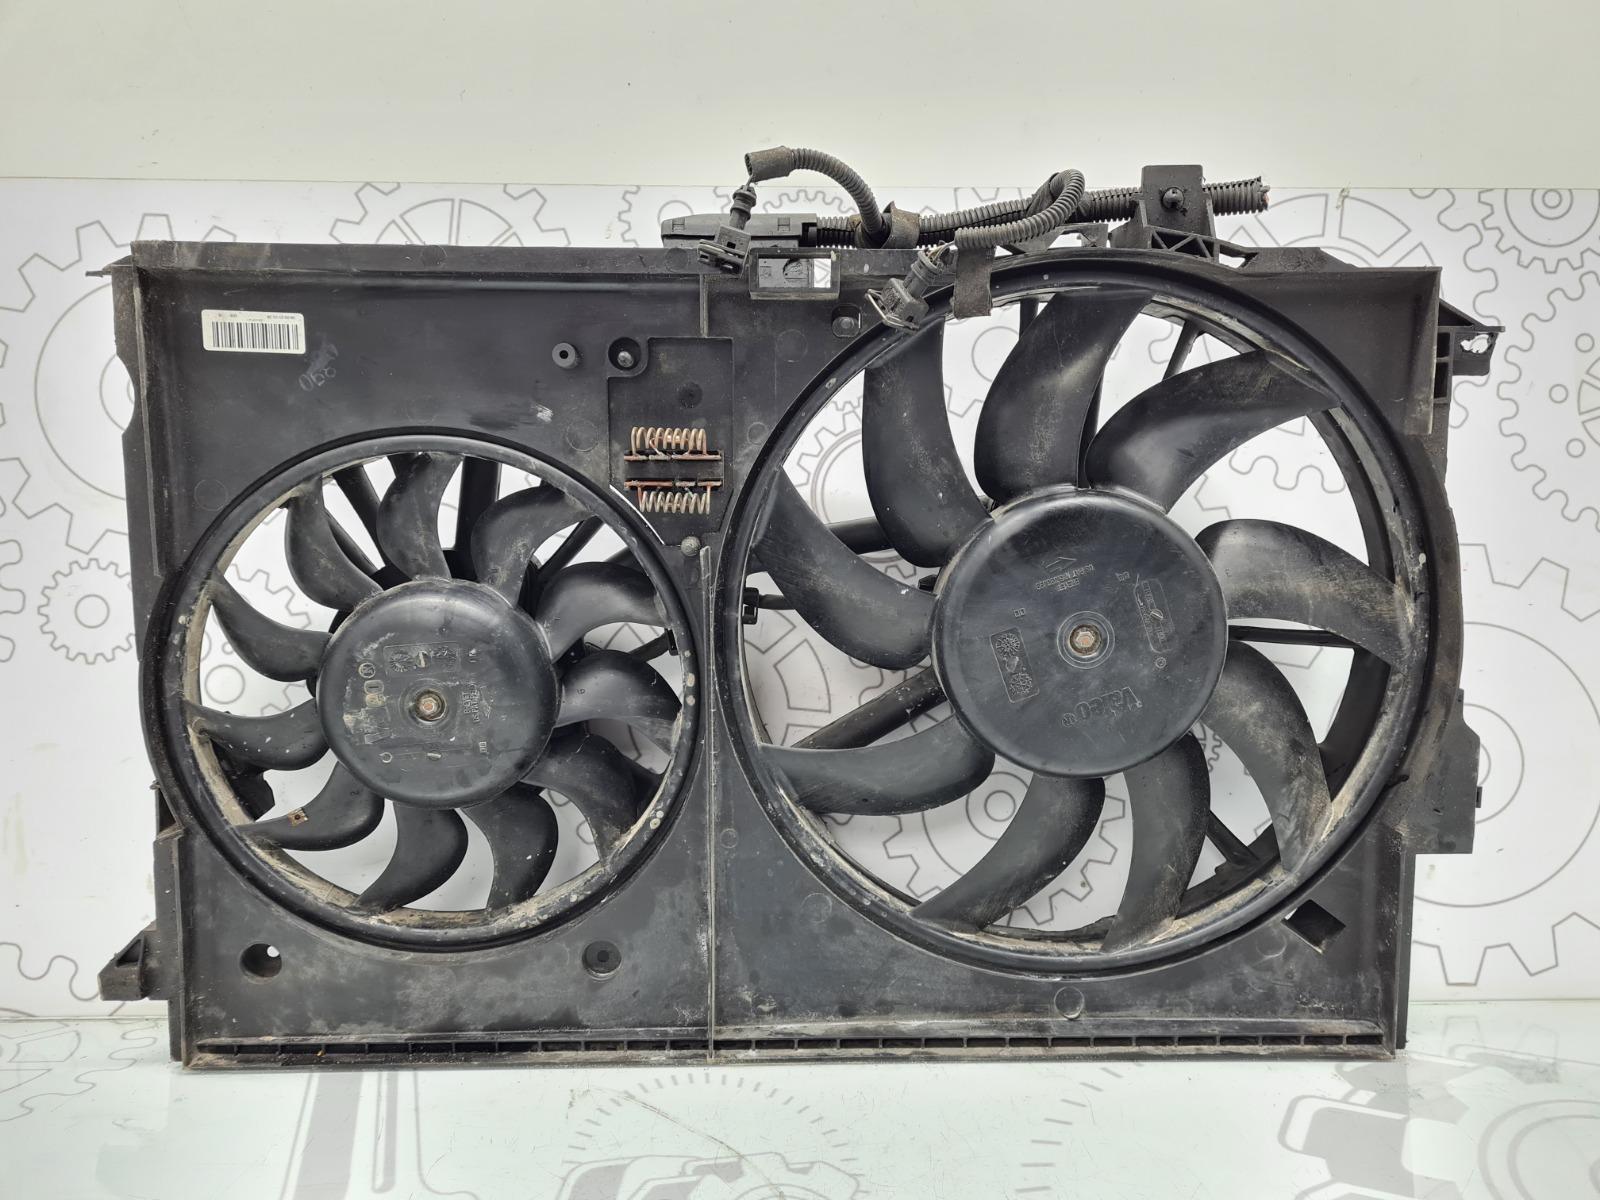 Вентилятор радиатора Saab 9-3 1.9 TID 2008 (б/у)